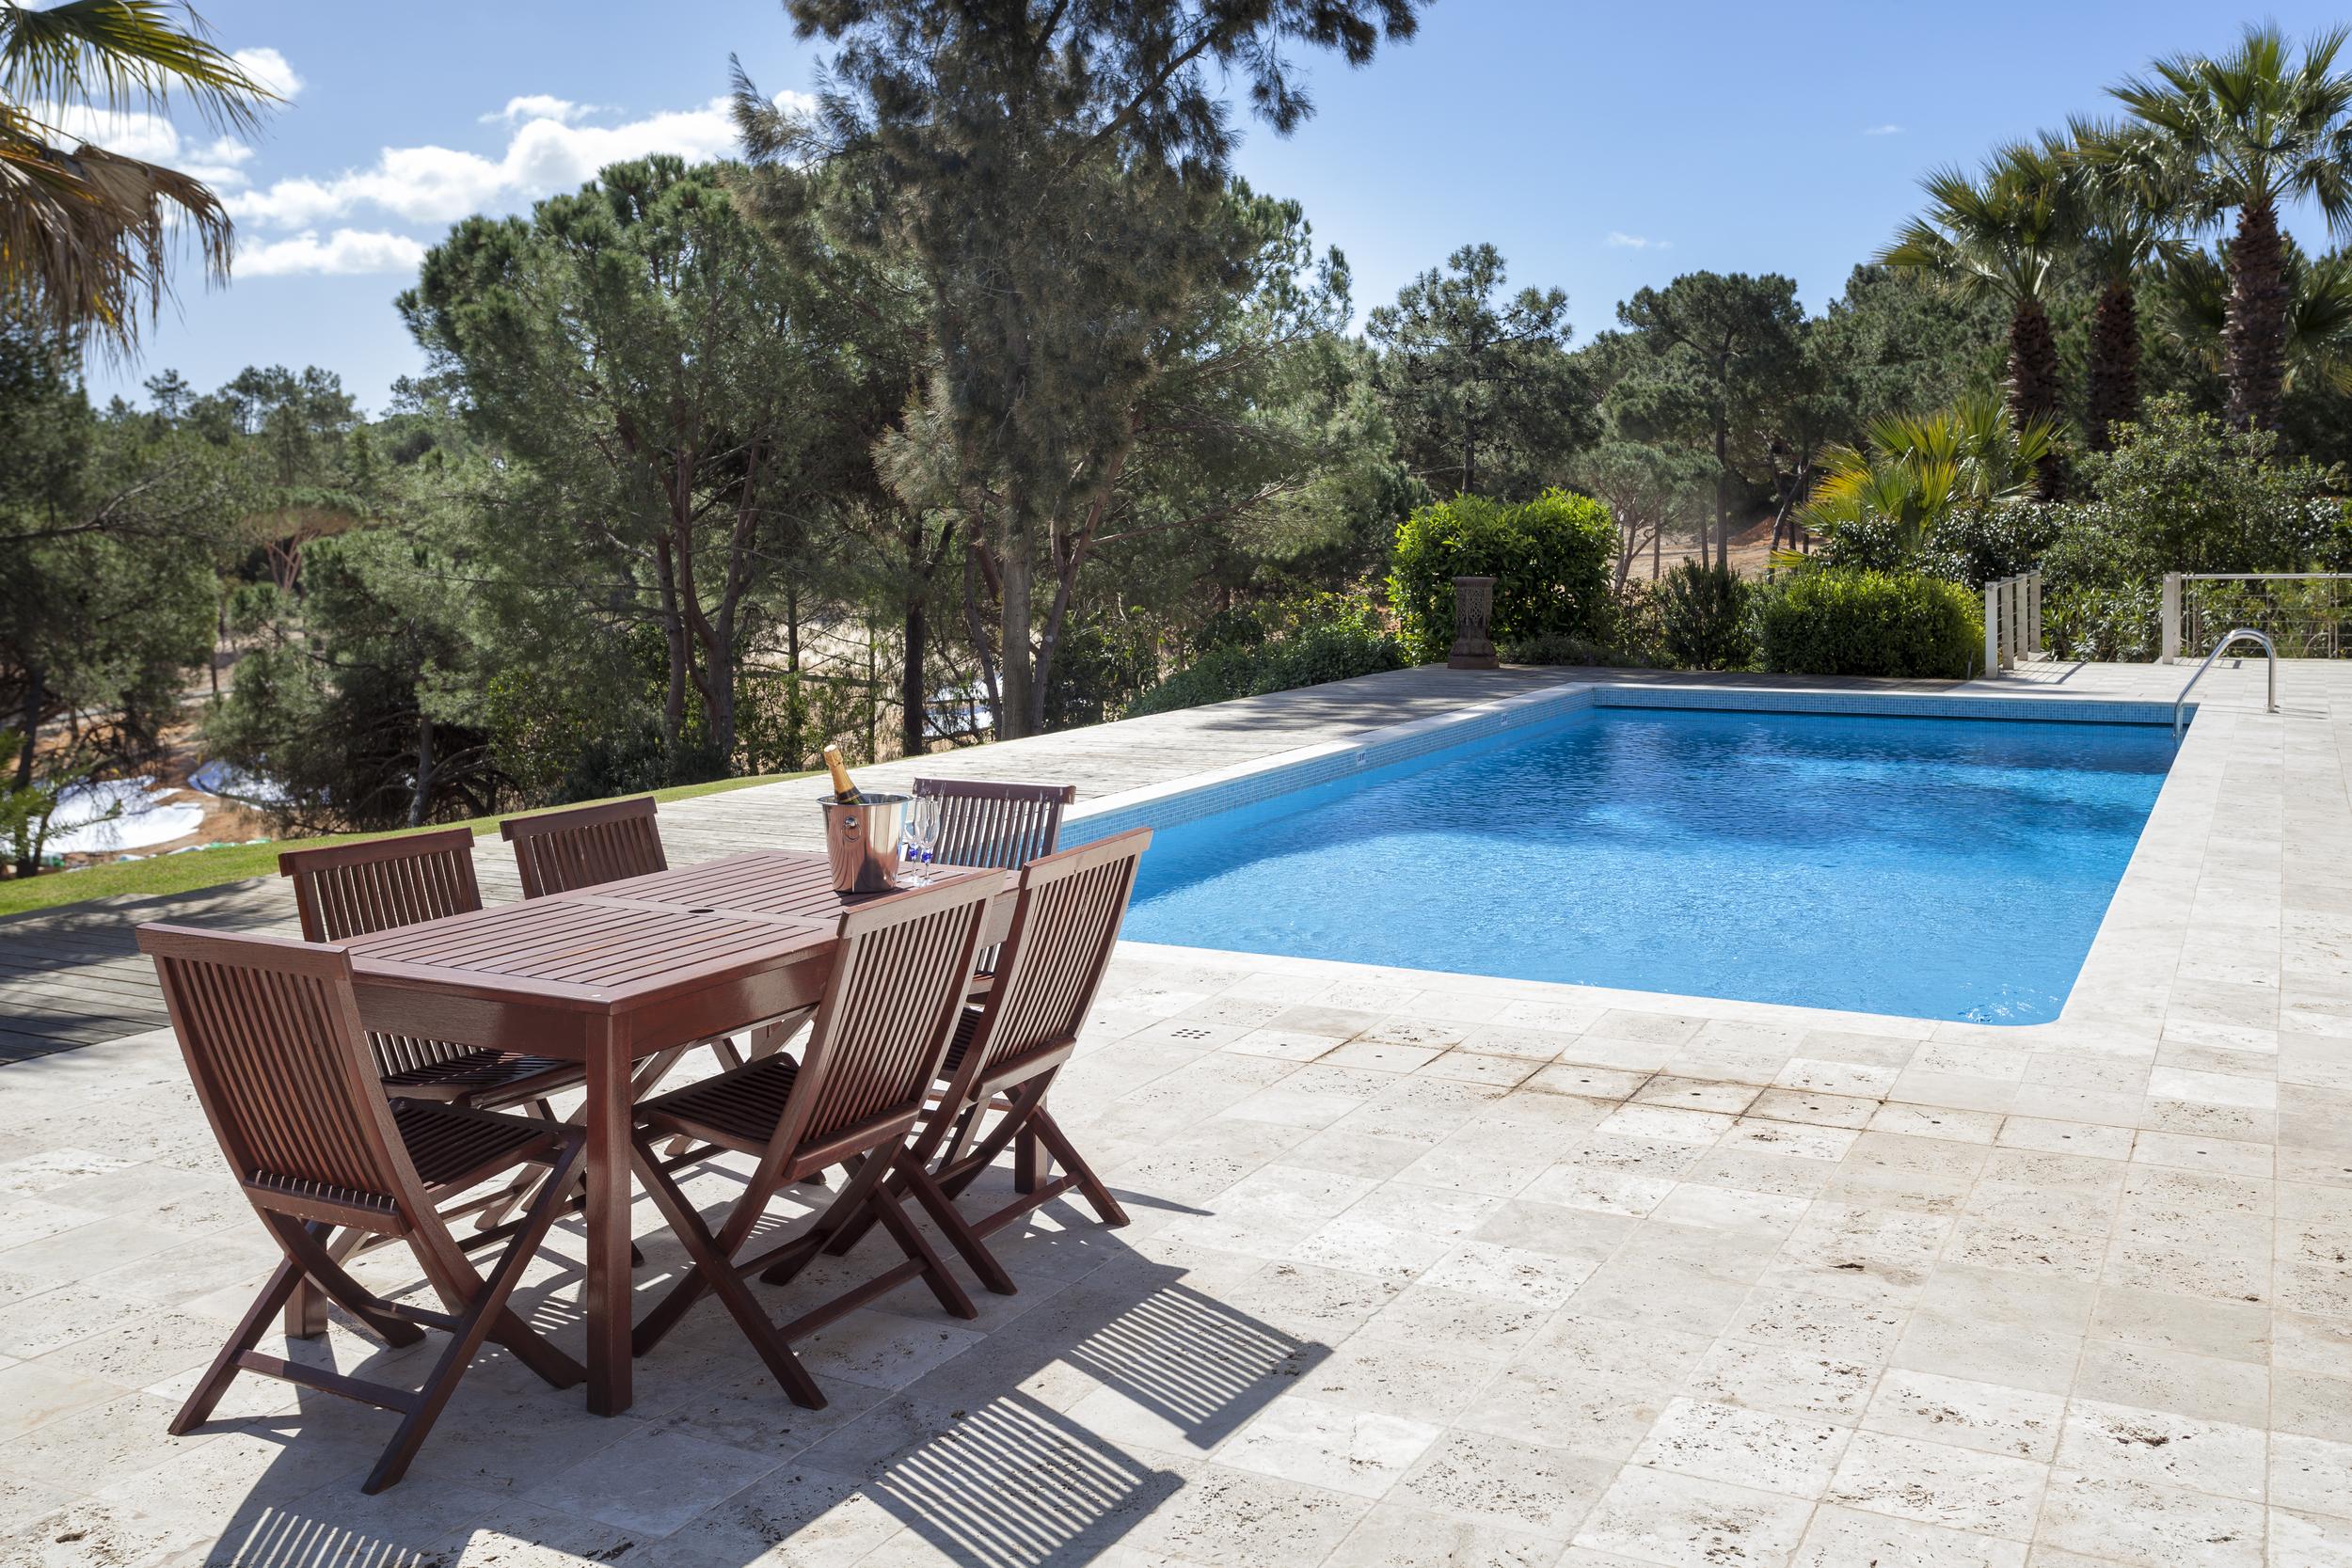 4 bedroom villa to rent in Quinta do Lago, RLV, Villa Serpentine, pool dining.jpg